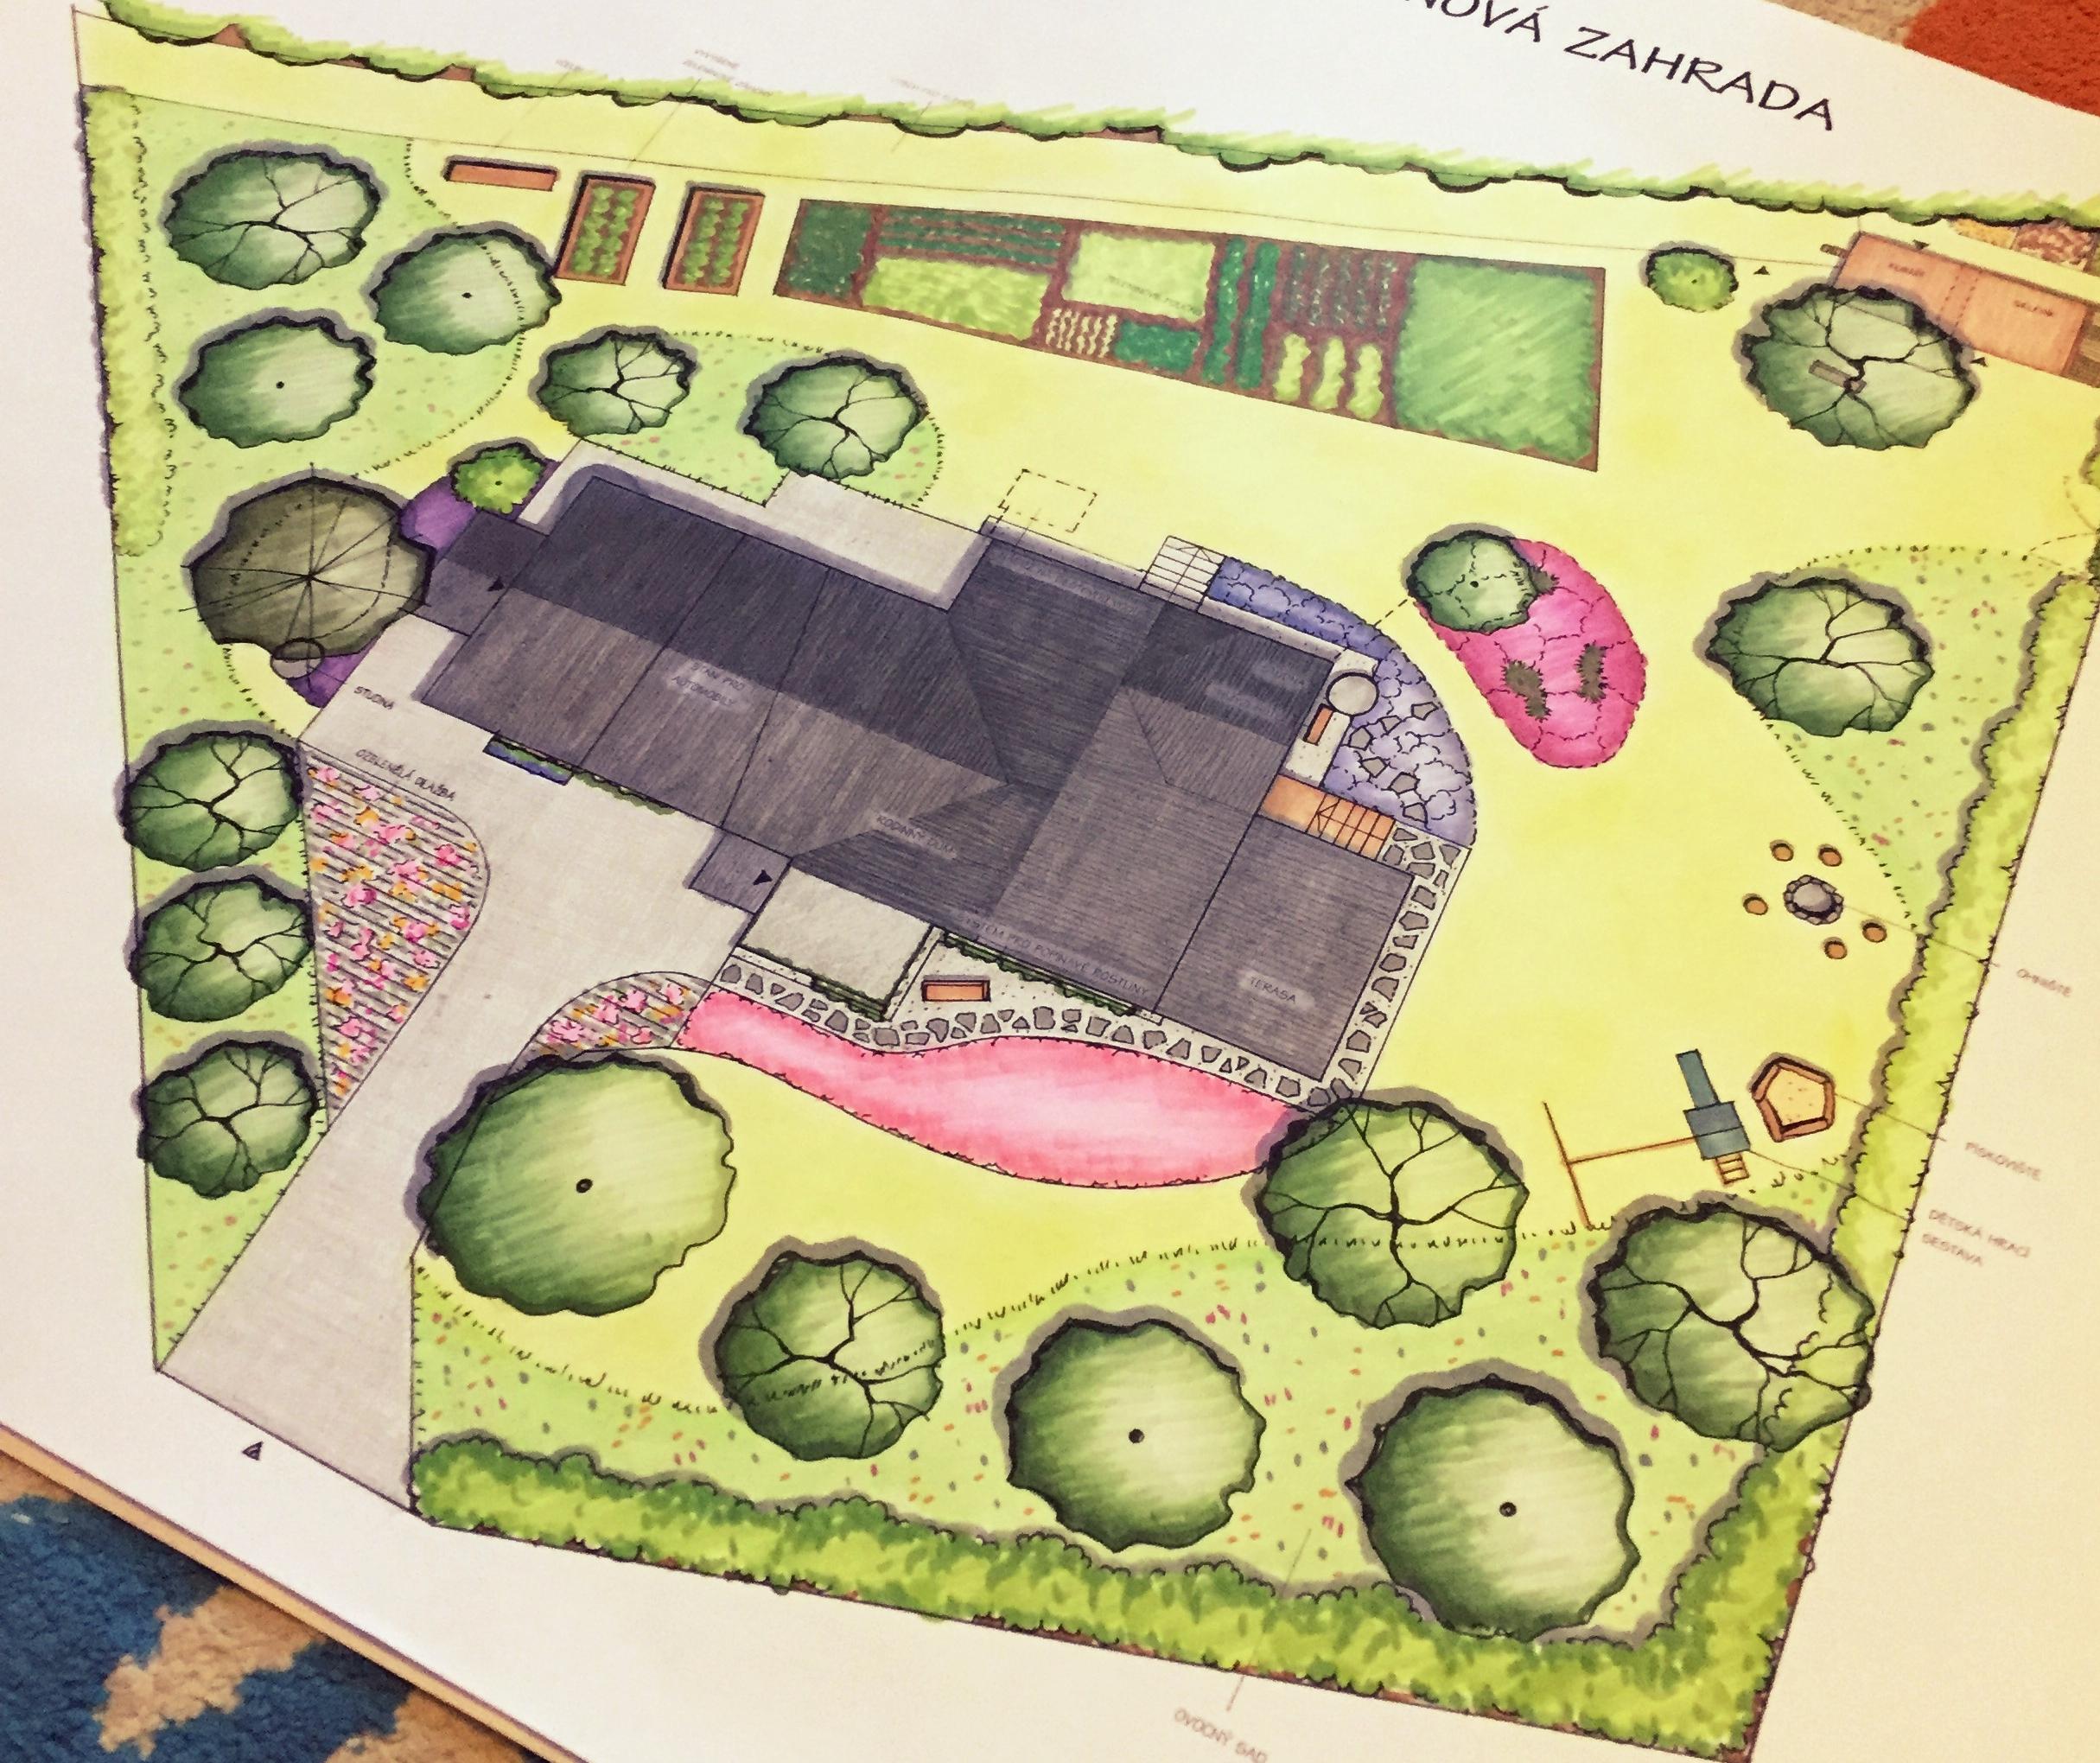 V zahradě najdeme kvetoucí louky pod korunami ovocných stromů, předzahrádku s barevnými květinami našich babiček. Záhony s kyprou hlínou, kde s chutízaboříte ruce a vypěstujete zdravou zeleninu, pestrou škálu keřů s drobným ovocem,dešťovou zahrádku i nádrž pro zadržování a využívání dešťovévody,místa pro hru i odpočinek.